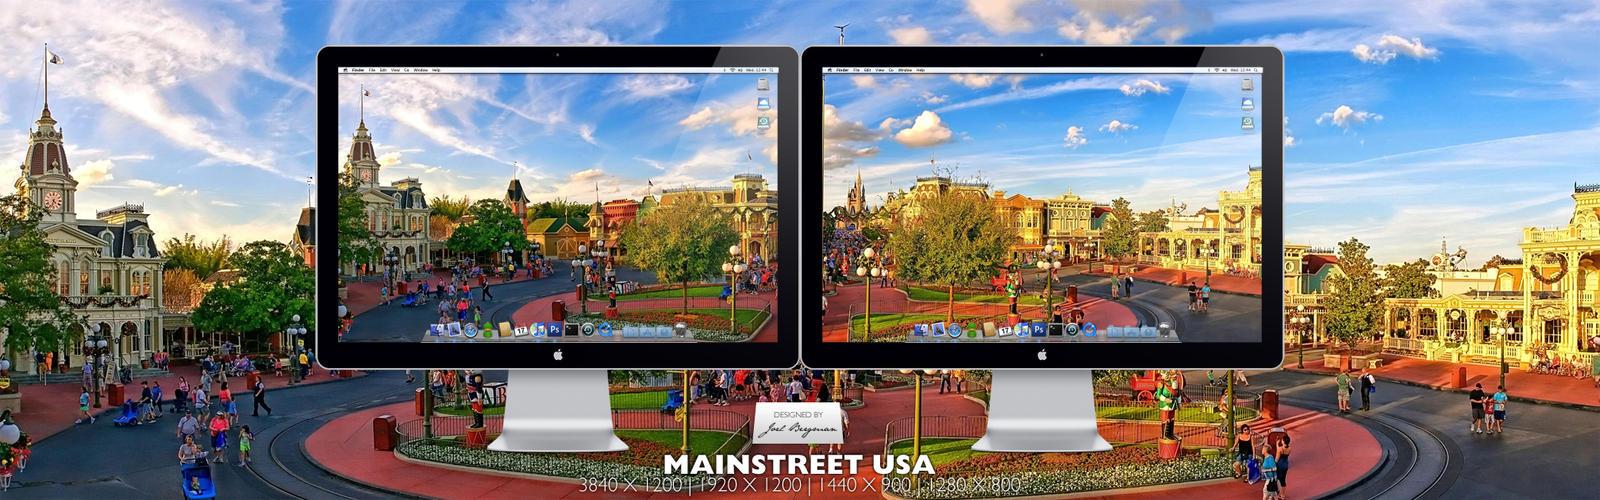 Mainstreet USA by RurouniVash